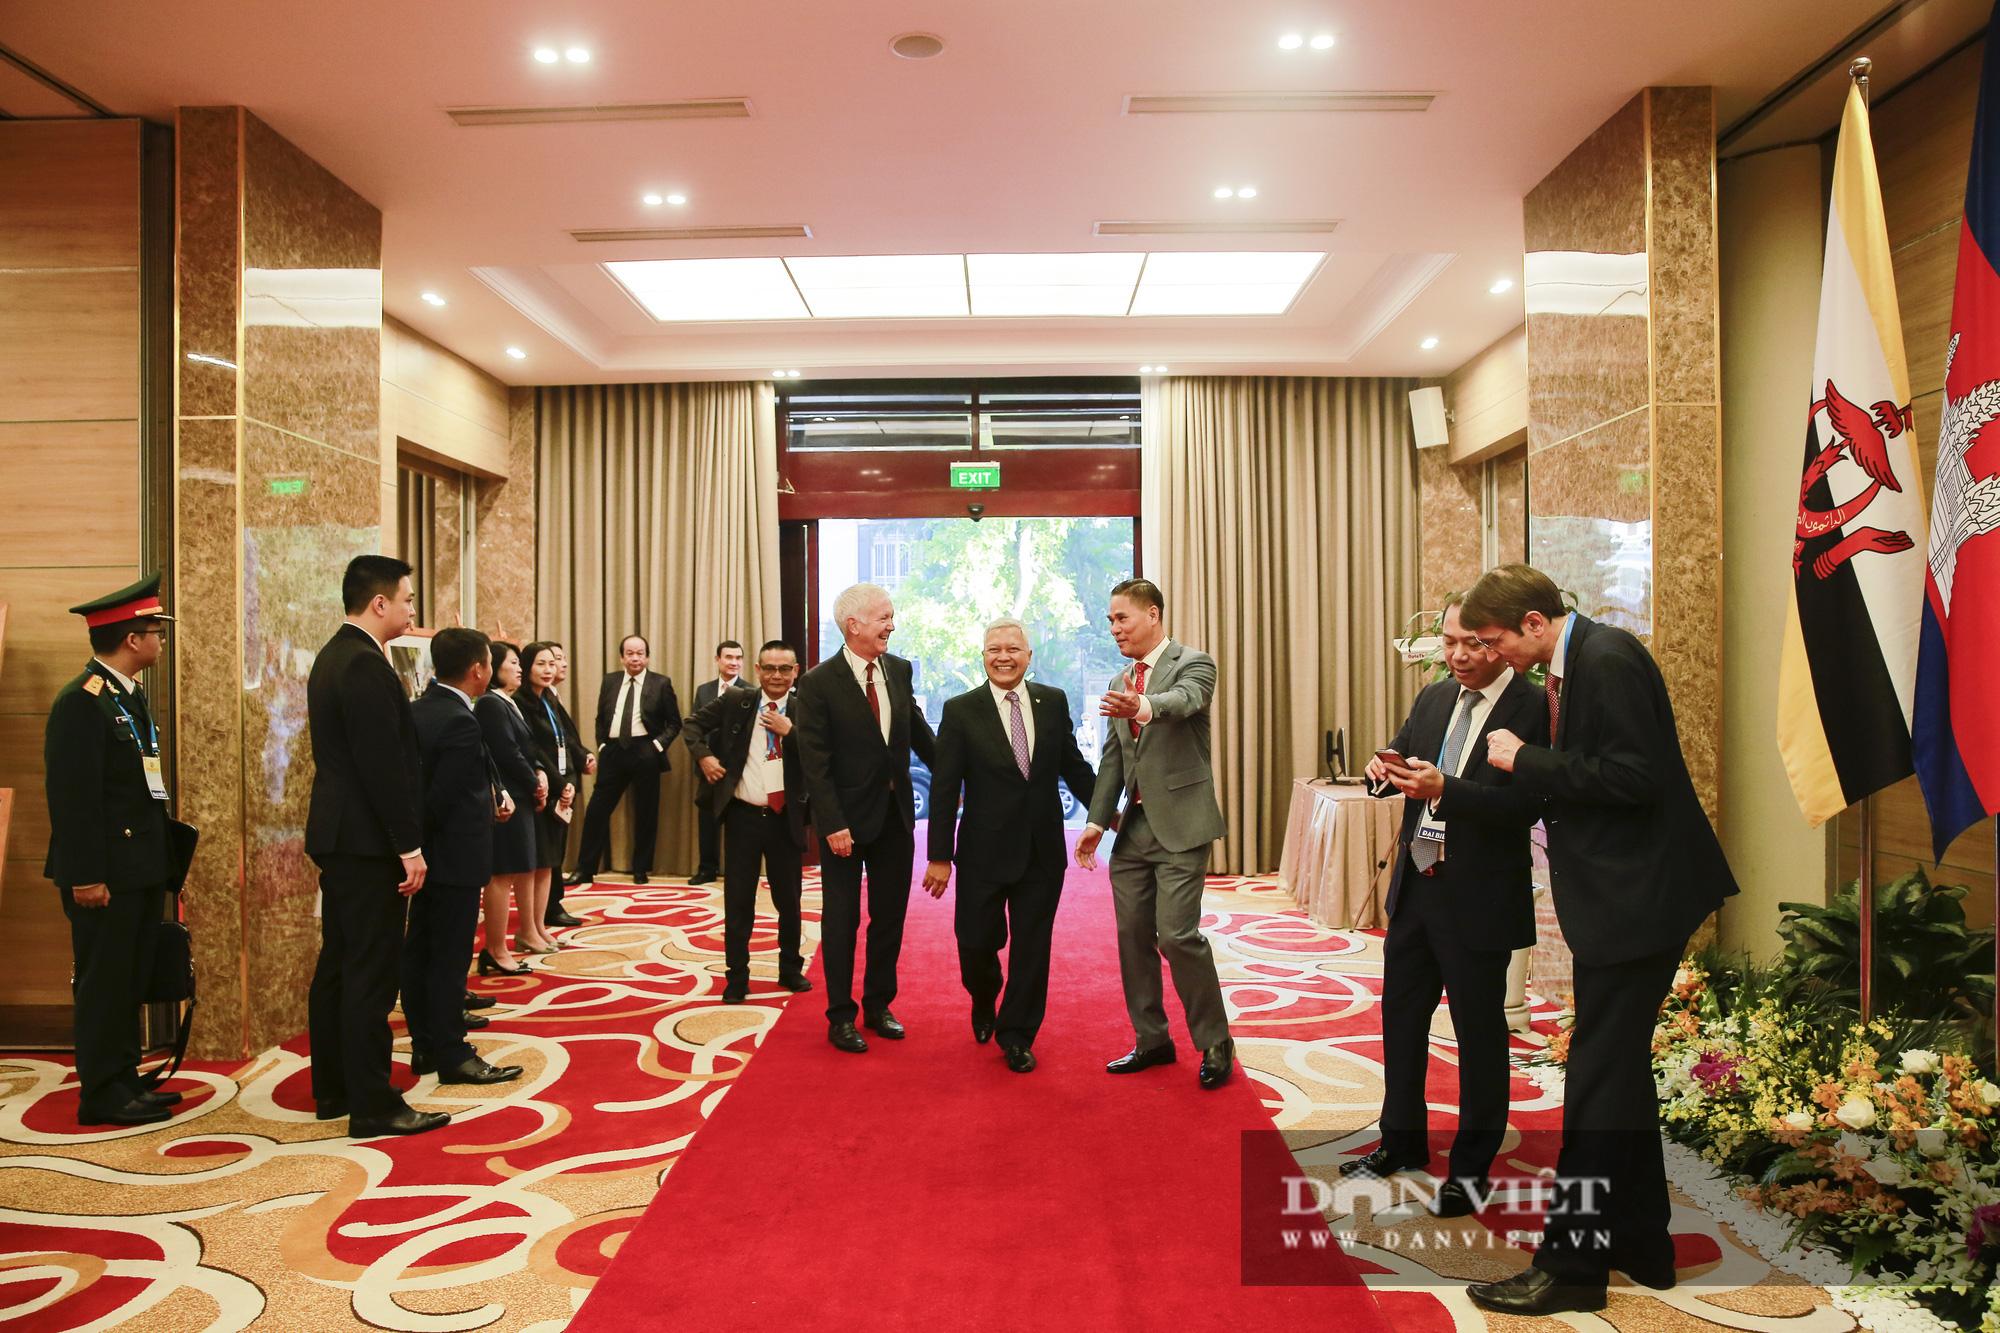 Toàn cảnh Khai mạc Hội nghị Cấp cao ASEAN lần thứ 37 - Ảnh 5.